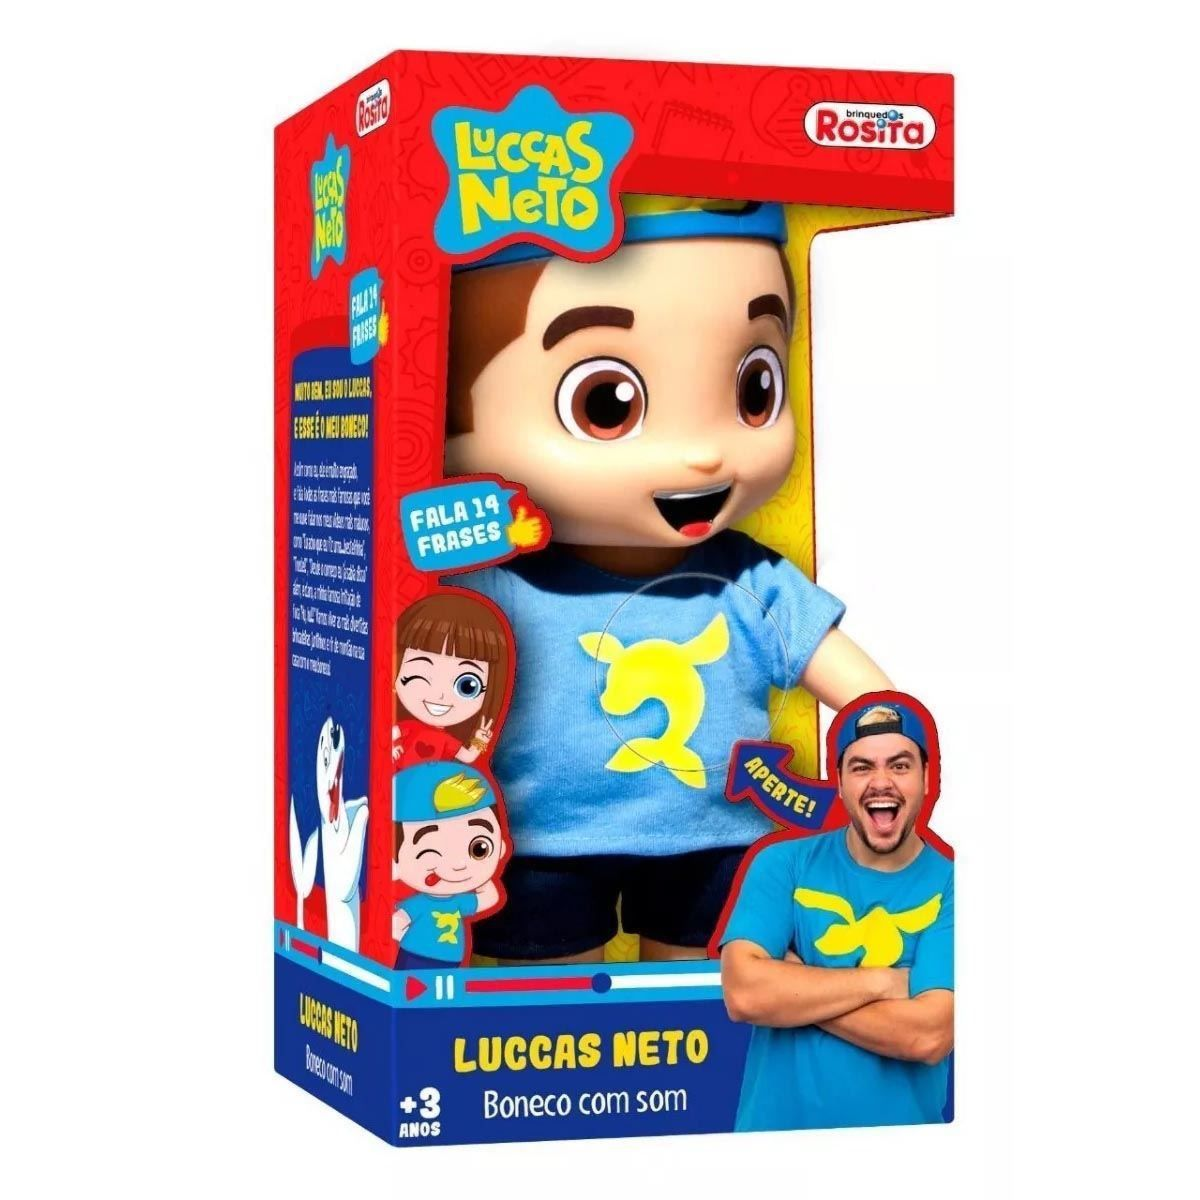 Boneco Luccas Neto com Som 1070 Azul Rosita